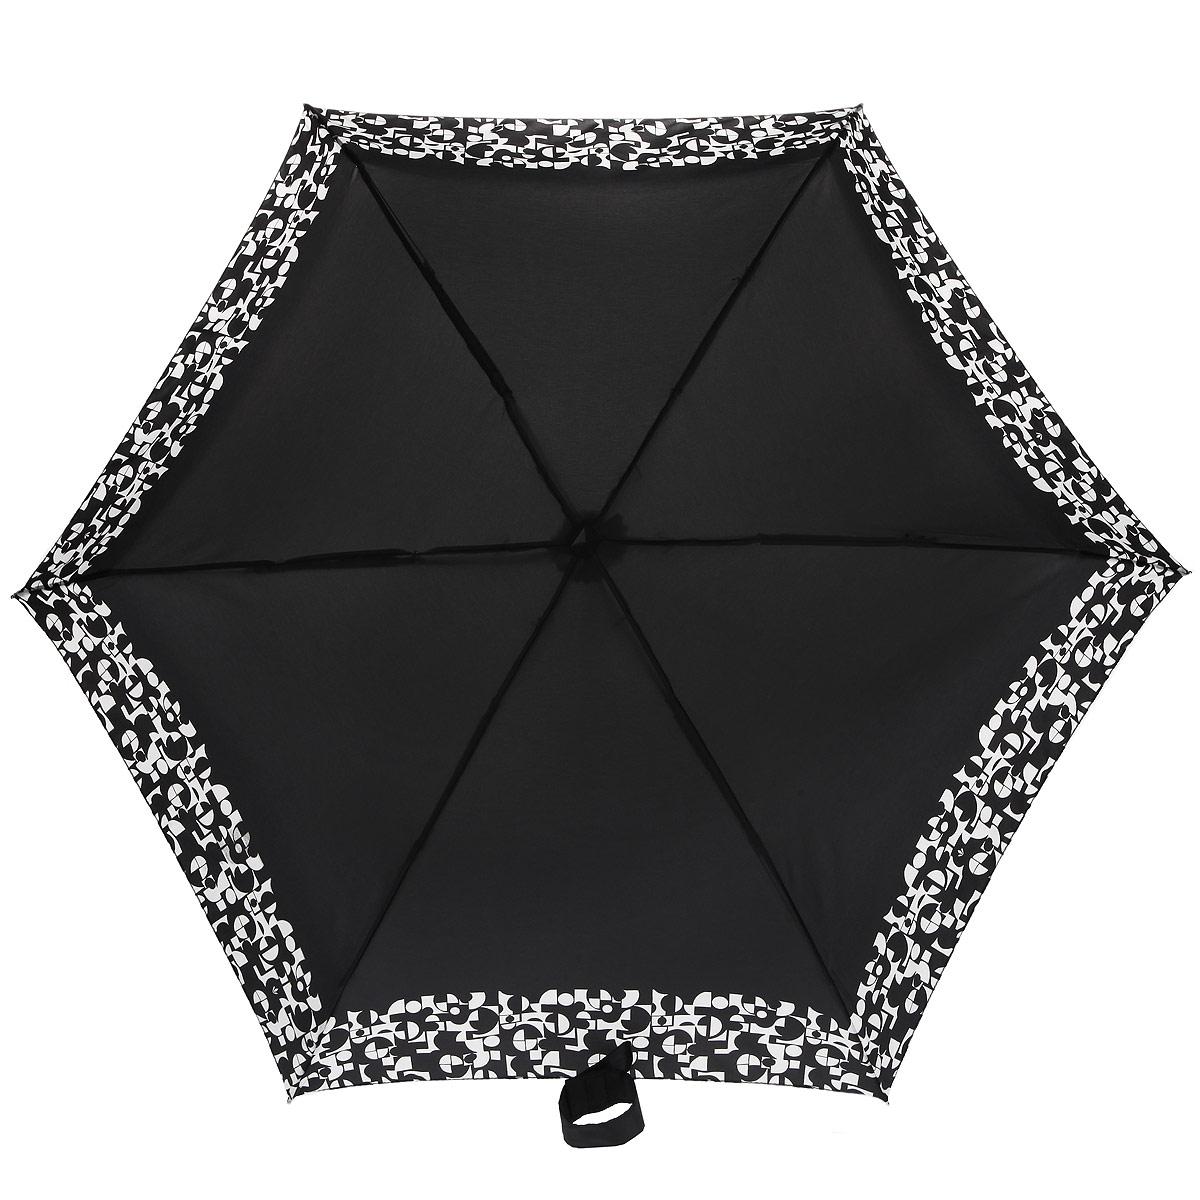 Зонт женский Fulton Tiny-2. Monochrome Mosaic, механический, 5 сложений, цвет: черный, белый. L501-2925L501-2925Очаровательный механический зонт Tiny-2. Monochrome Mosaic в 5 сложений изготовлен из высокопрочных материалов. Каркас зонта состоит из 6 спиц и прочного алюминиевого стержня. Купол зонта выполнен из прочного полиэстера с водоотталкивающей пропиткой и оформлен оригинальным принтом. Рукоятка изготовлена из пластика. Зонт имеет механический механизм сложения: купол открывается и закрывается вручную до характерного щелчка. Небольшой шнурок, расположенный на рукоятке, позволяет надеть изделие на руку при необходимости. Модель закрывается при помощи хлястика на застежку-липучку. К зонту прилагается чехол. Прелестный зонт не только выручит вас в ненастную погоду, но и станет стильным аксессуаром, прекрасно дополнит ваш модный образ. Необыкновенно компактный зонт с легкостью поместится в маленькую сумочку.